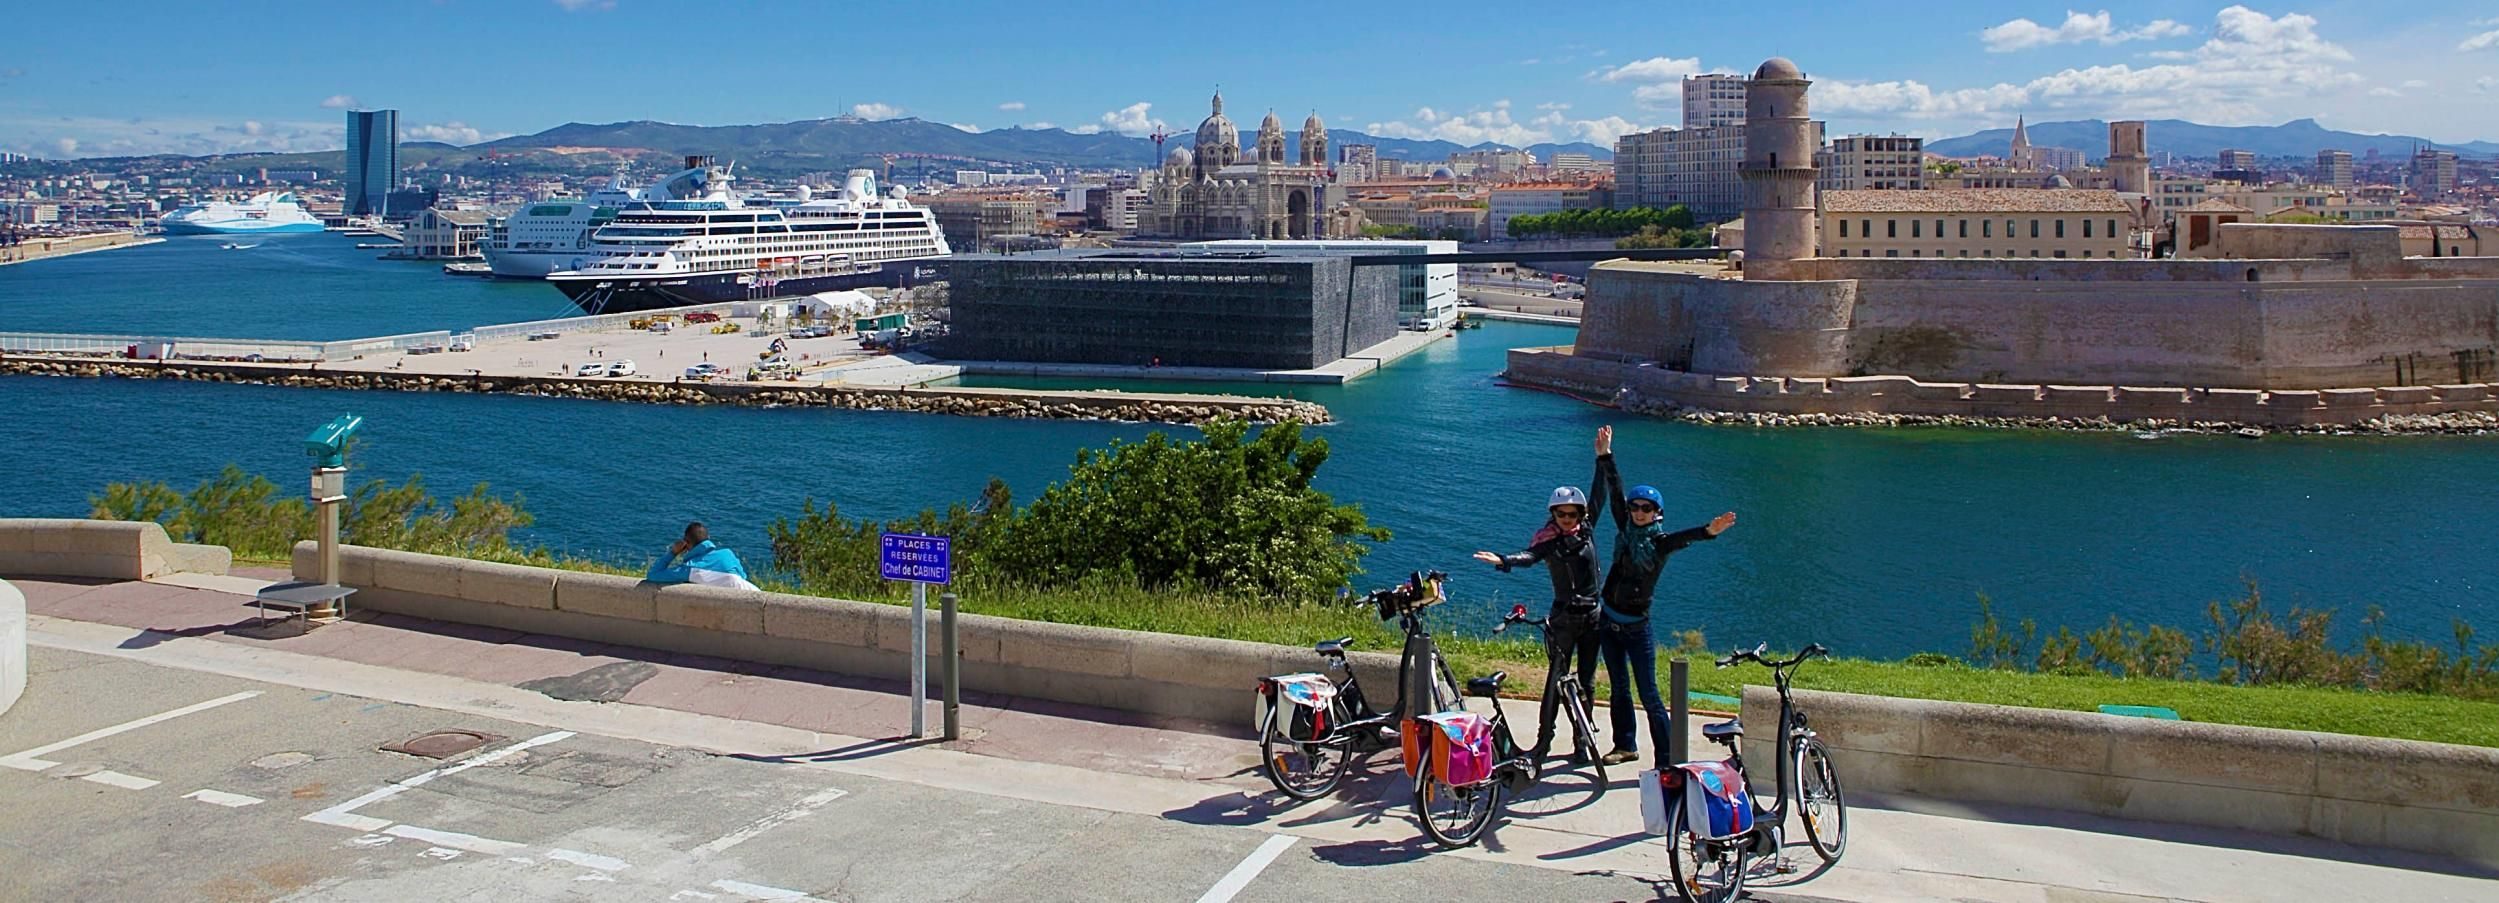 Marseille Shore Excursion: Half-Day Gadjo E-Bike Tour